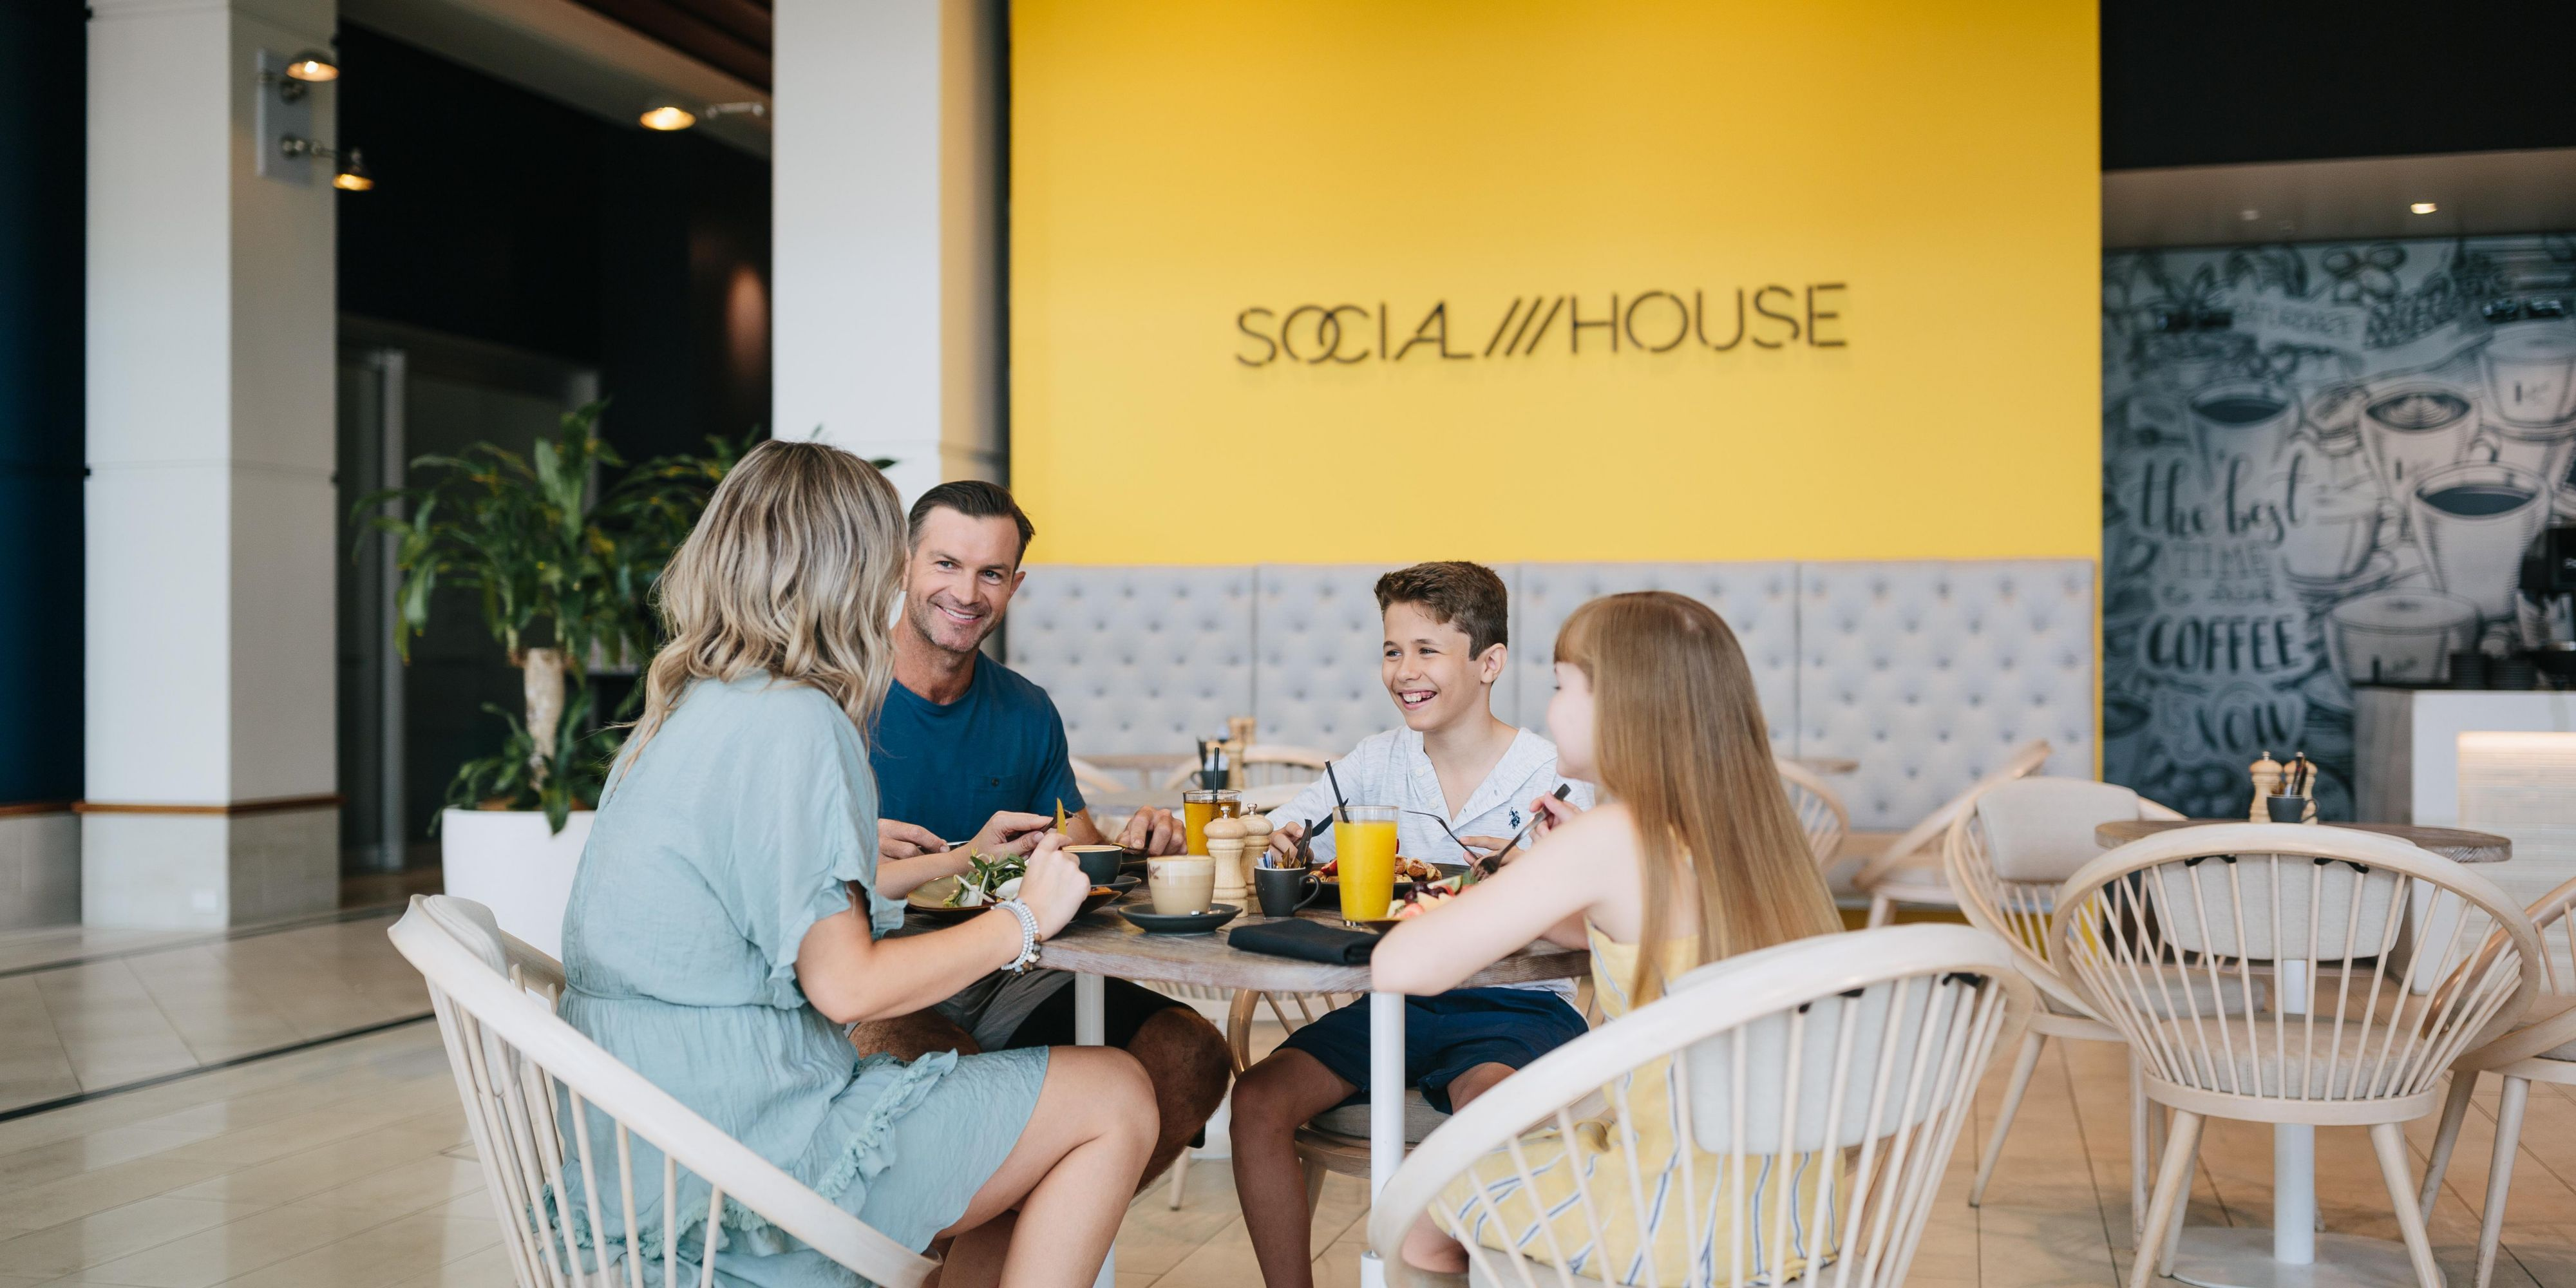 Social House Cafe